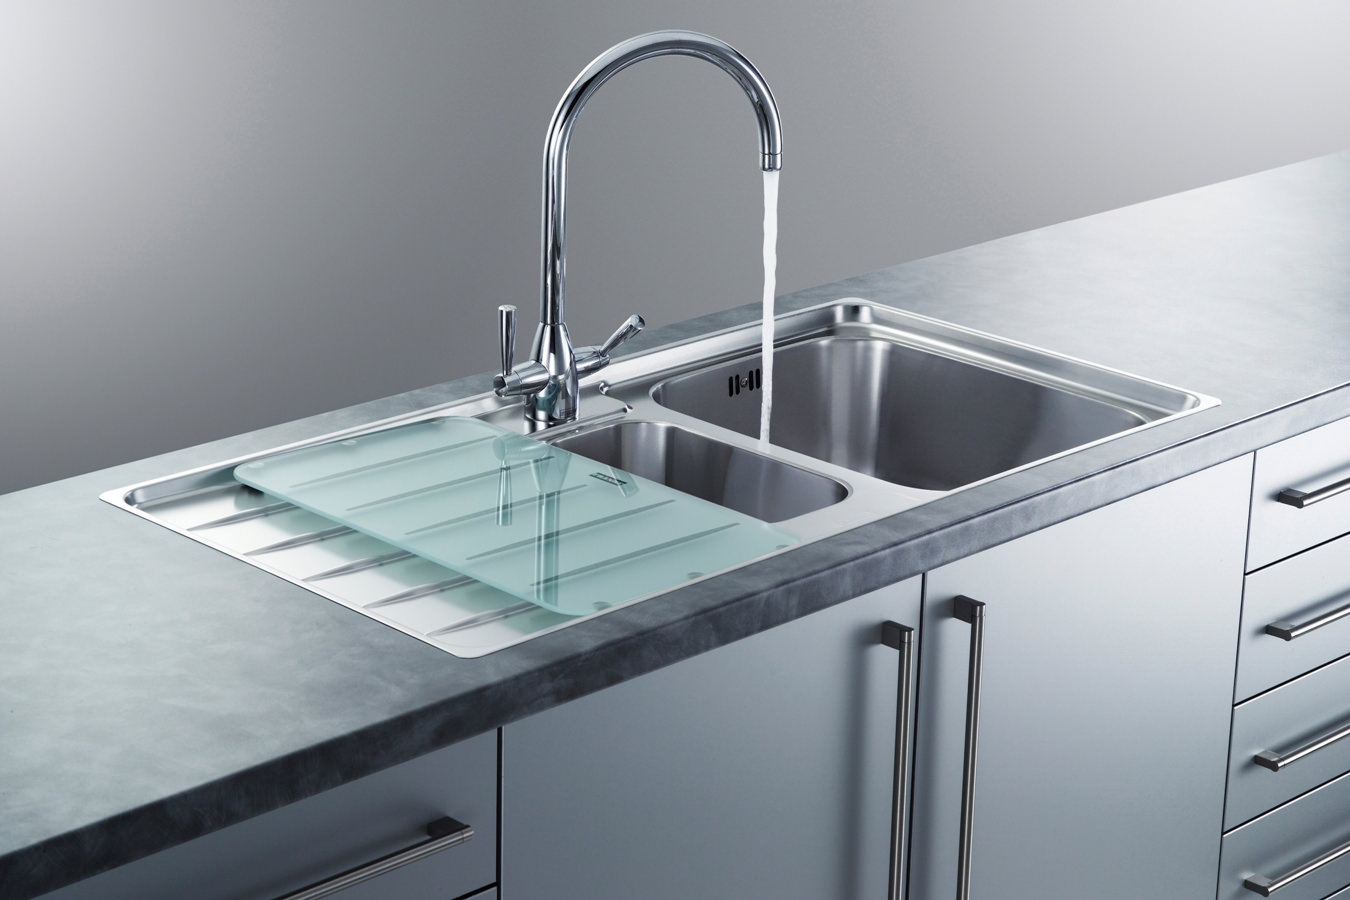 Franke Laser LSX 651 Stainless Steel Left Hand 1.5 Bowl Inset Sink